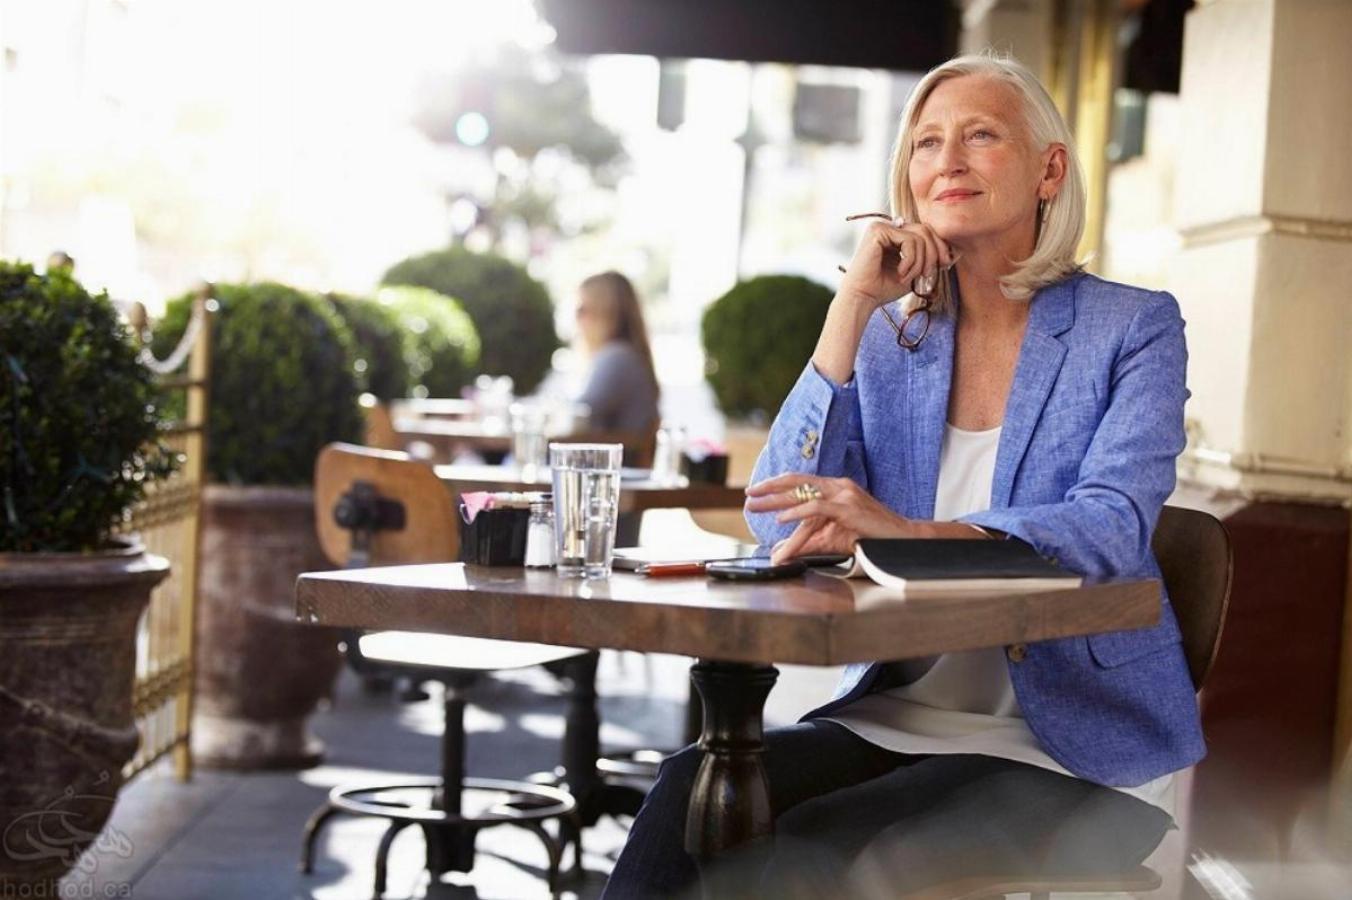 قدرت اراده یک مدل 60 ساله: هیچ گاه برای شروع دیر نیست!